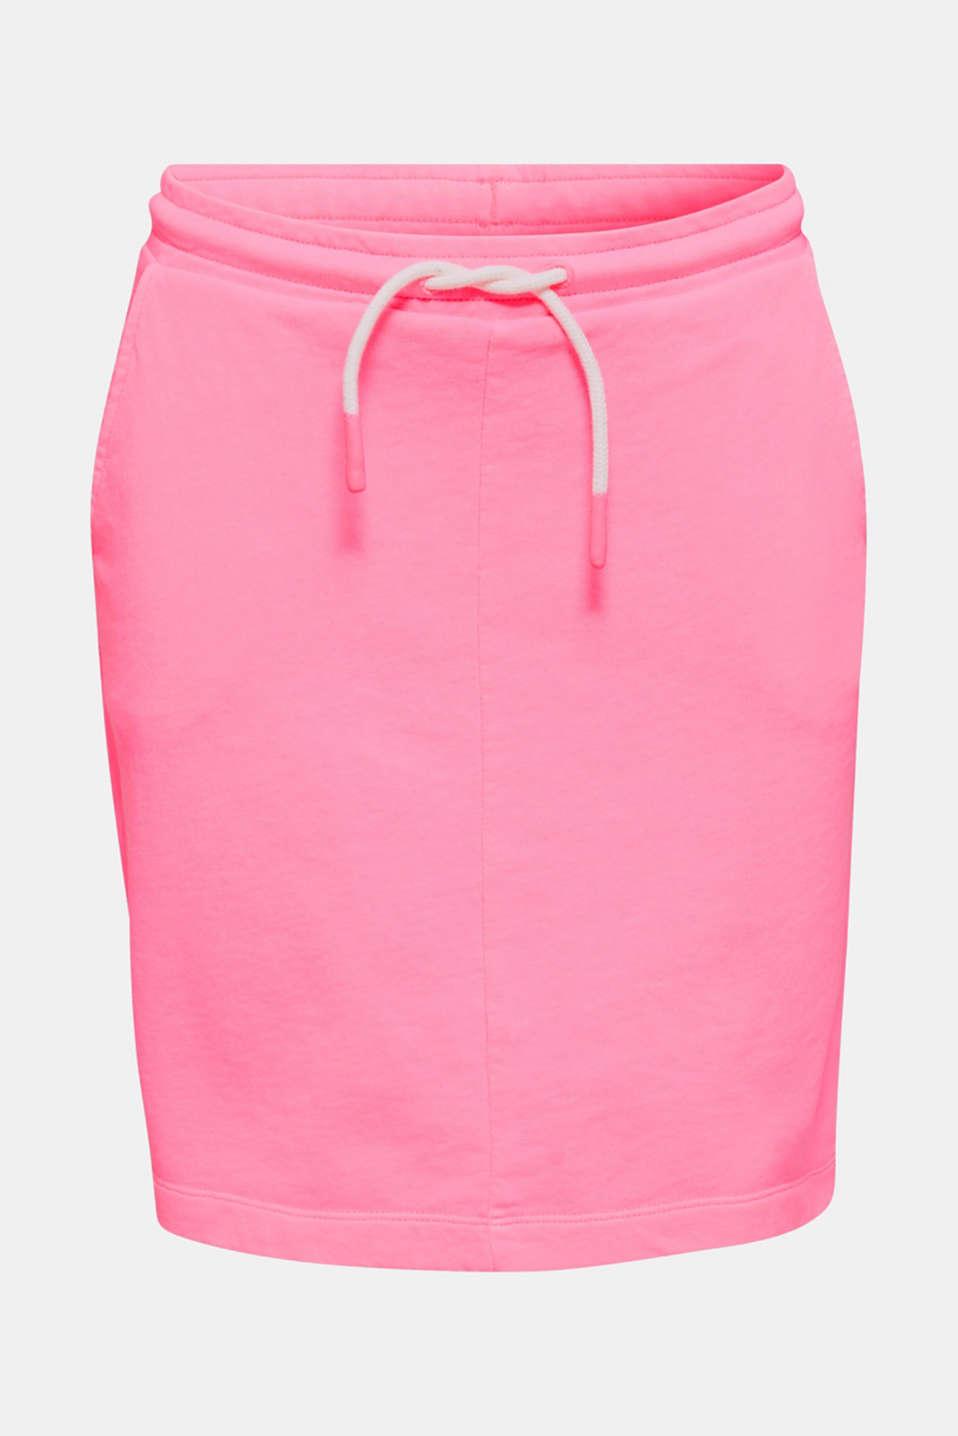 Sweatshirt fabric skirt, 100% cotton, PINK, detail image number 4